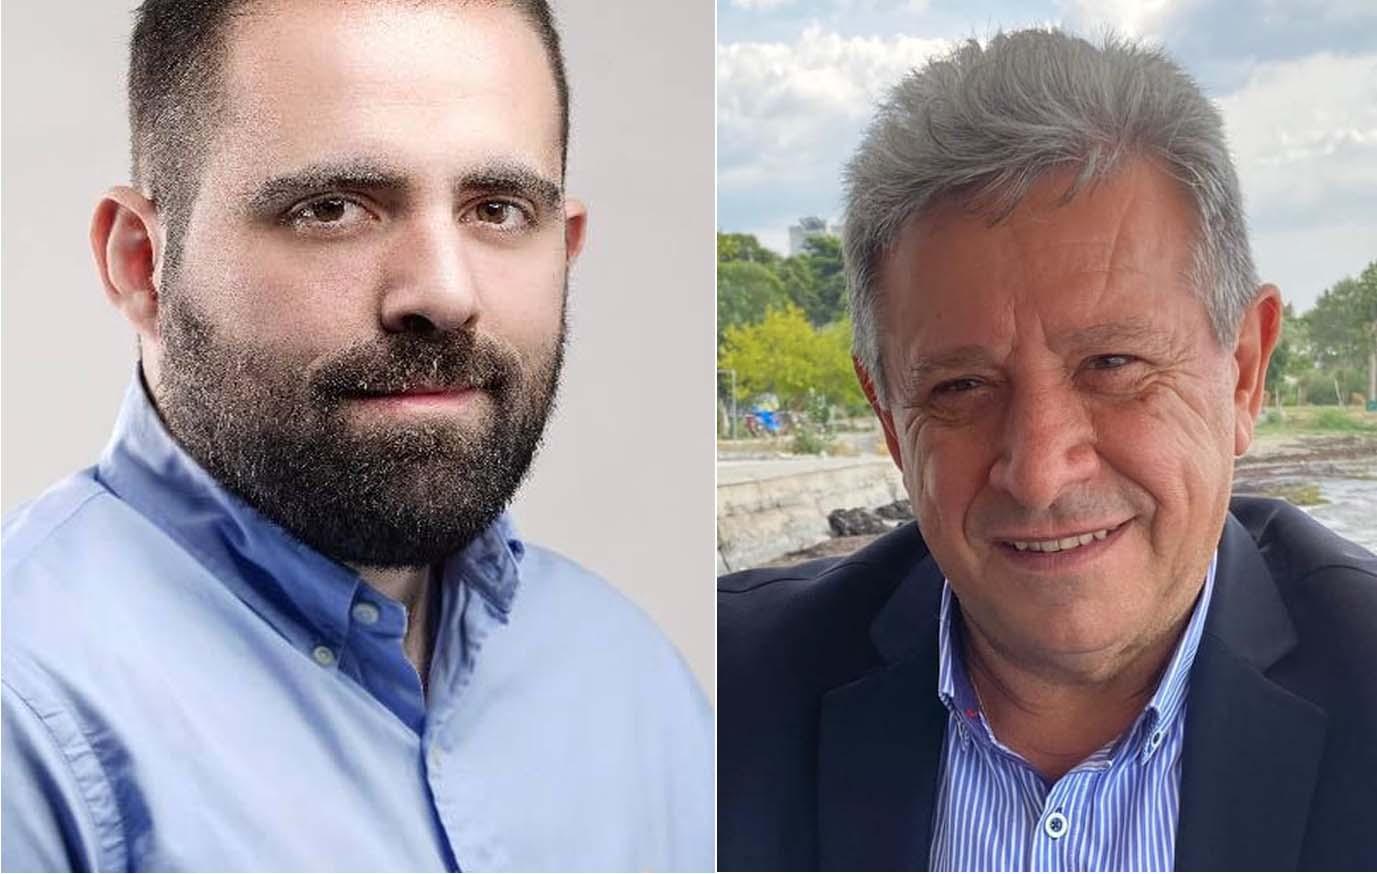 Λύσανδρος Μεταξάς και Άρης Κουρκούτας, οι «μονομάχοι» για την προεδρία της ΔΕΕΠ (Διοικούσα Επιτροπή Εκλογικής Περιφέρειας) - πρώην ΝΟΔΕ - Κοζάνης… Συσχετισμοί δυνάμεων και στηρίξεων… Υπάρχει «φαβορί» για την τελική έκβαση της «μάχης» της ψηφοφορίας;